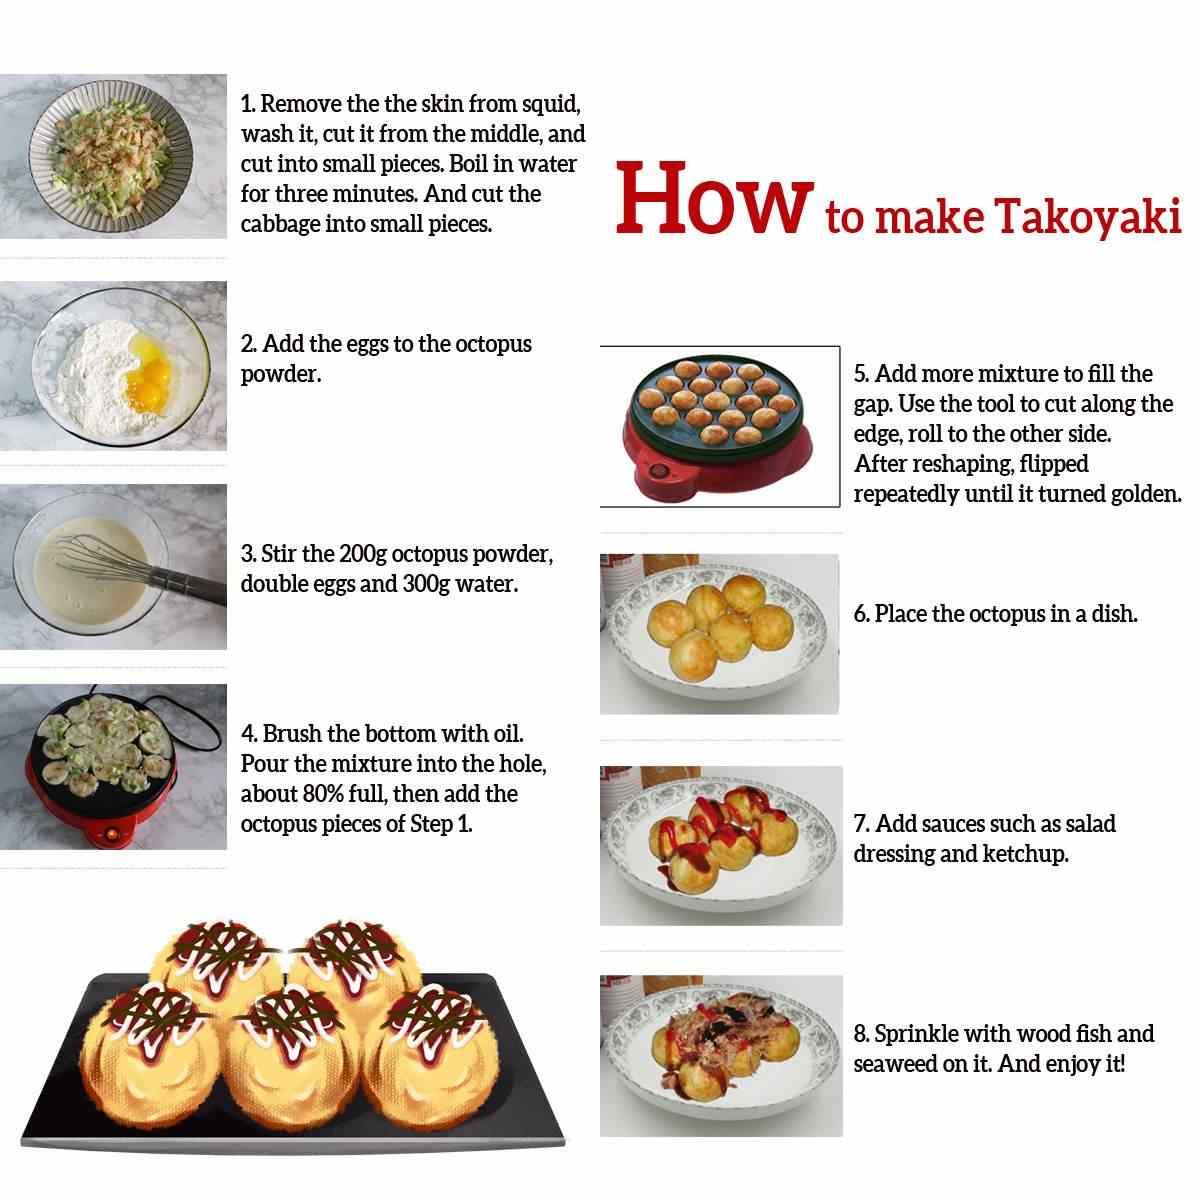 Professionnel 18 trous Takoyaki gril casserole électrique bricolage maison pieuvre viande boule fabricant plaque ensemble Machine de cuisson ménage